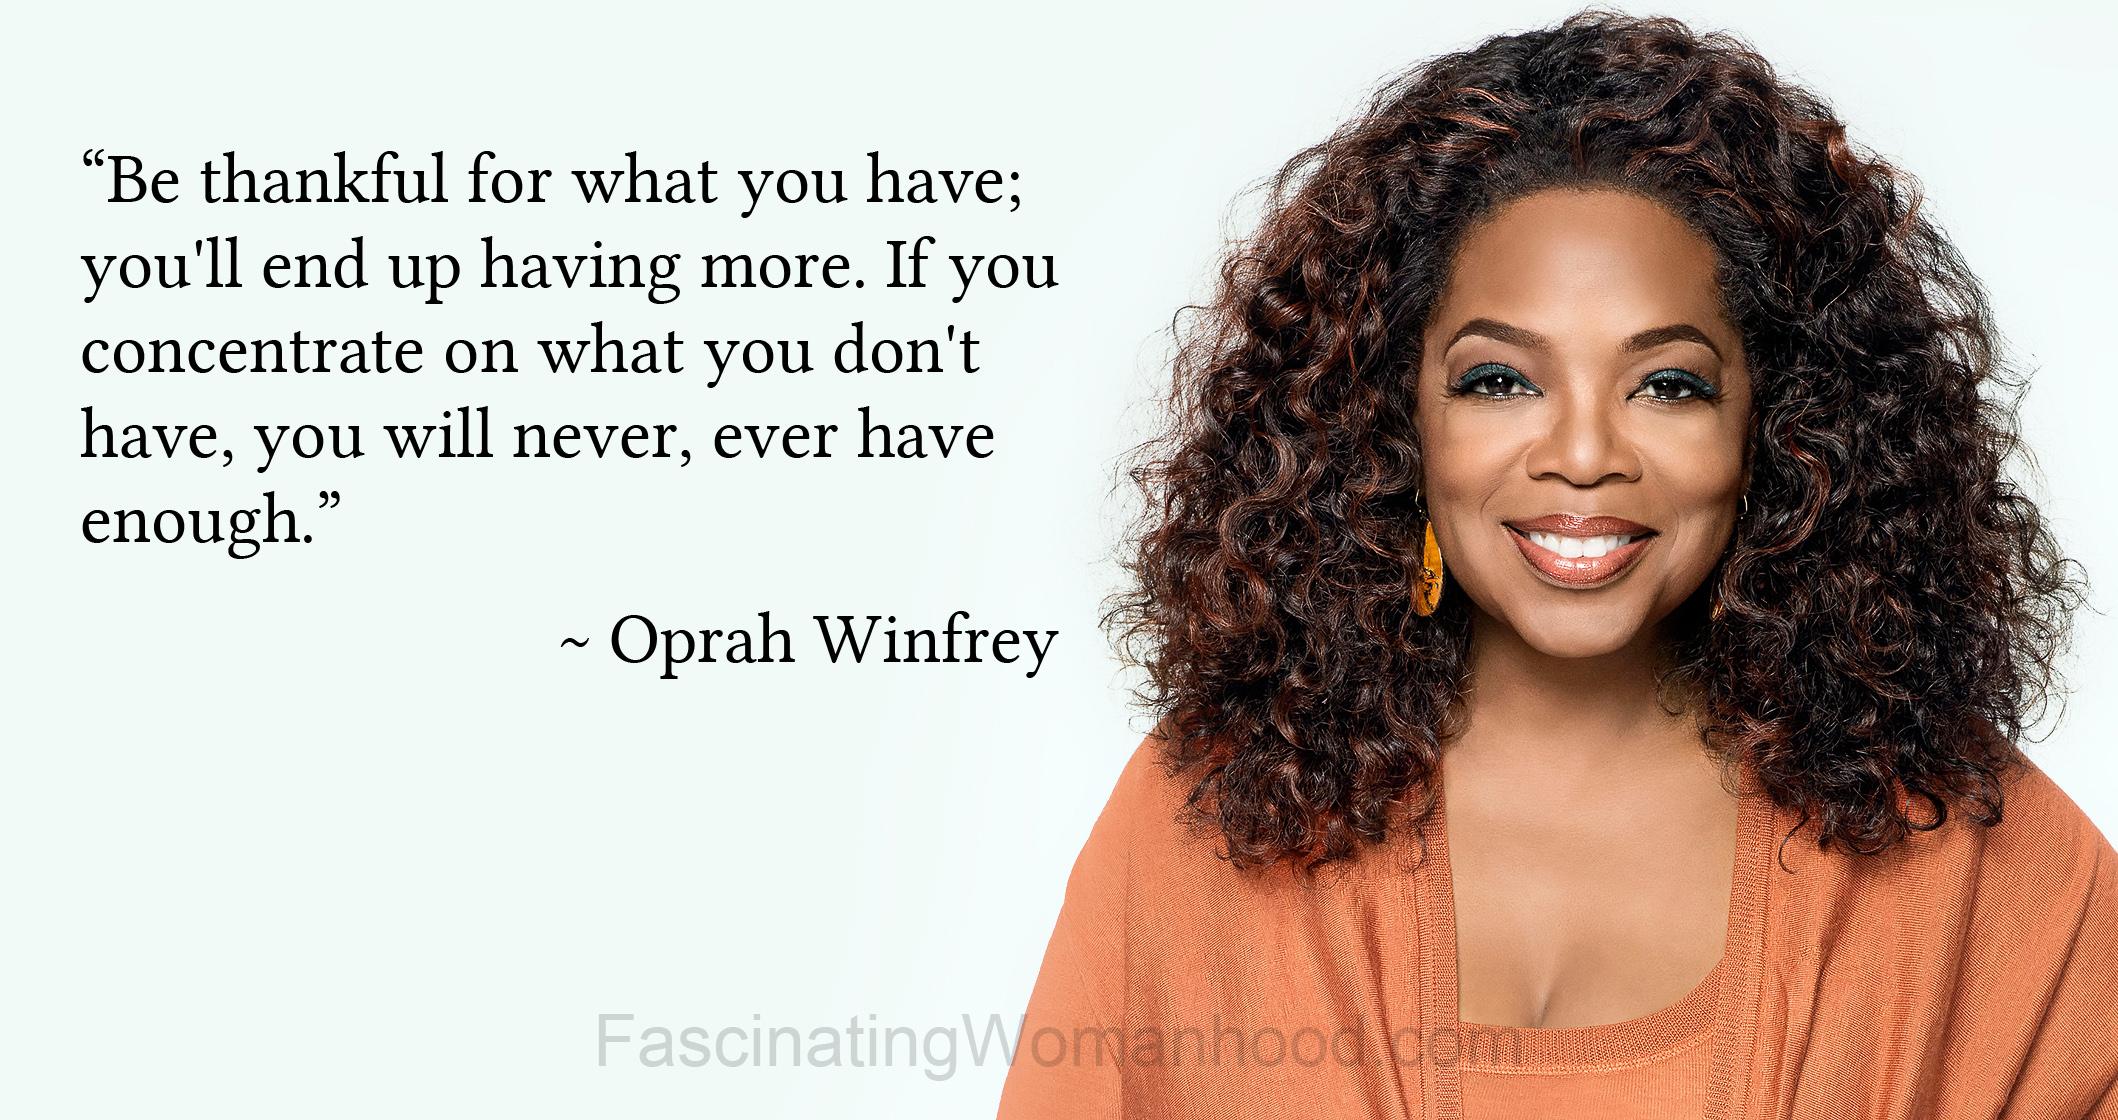 A Quote by Oprah Winfrey.jpg